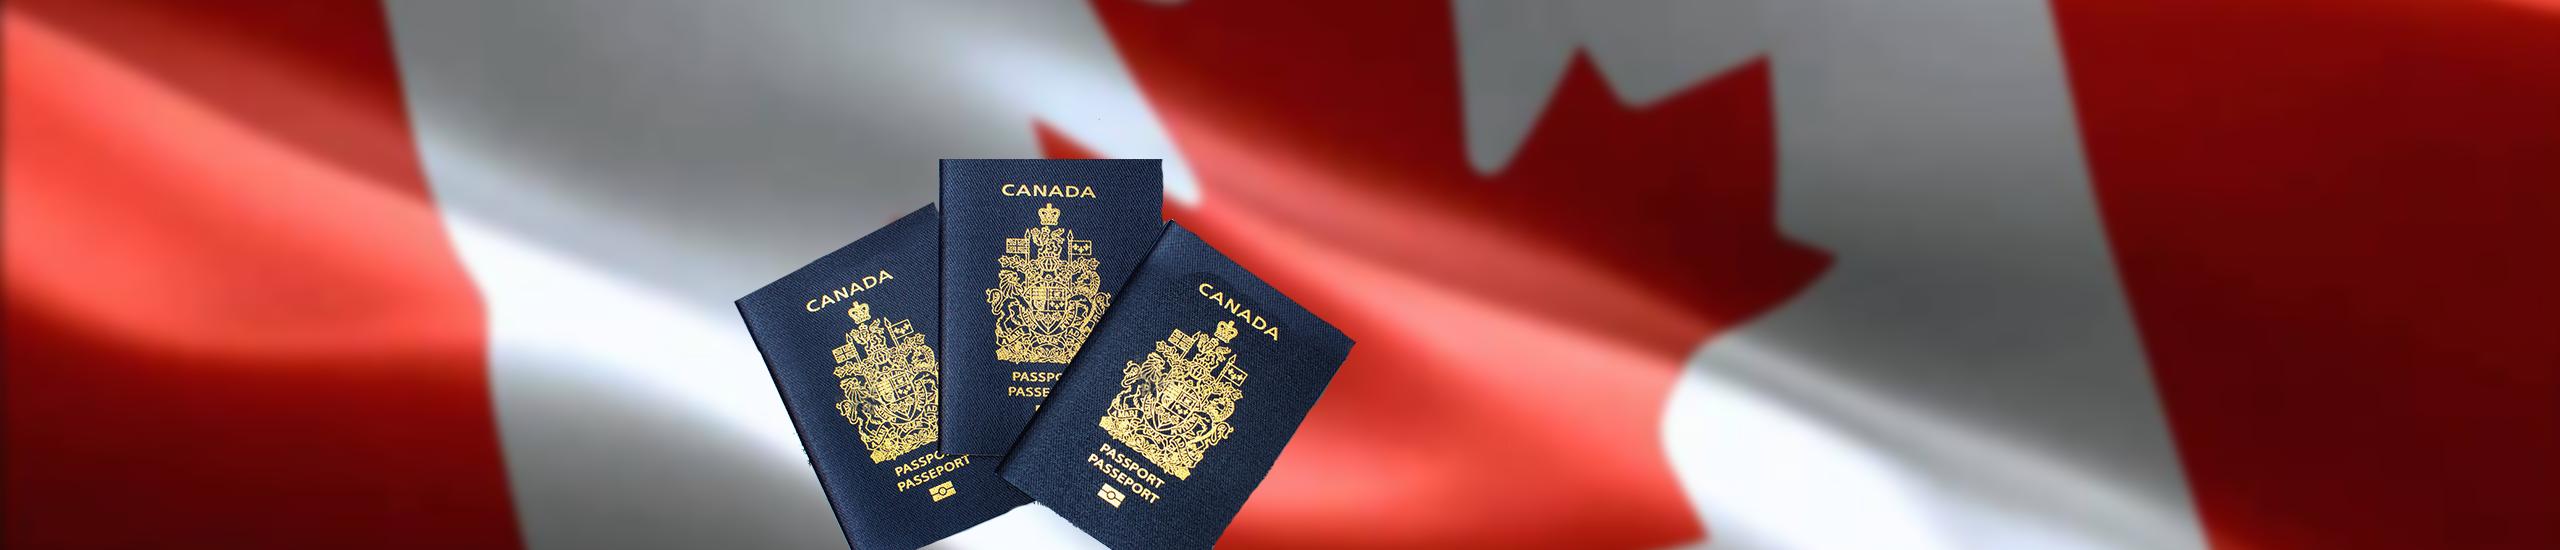 Фото У минулому році в Канаду іммігрувало 8 000 мільйонерів